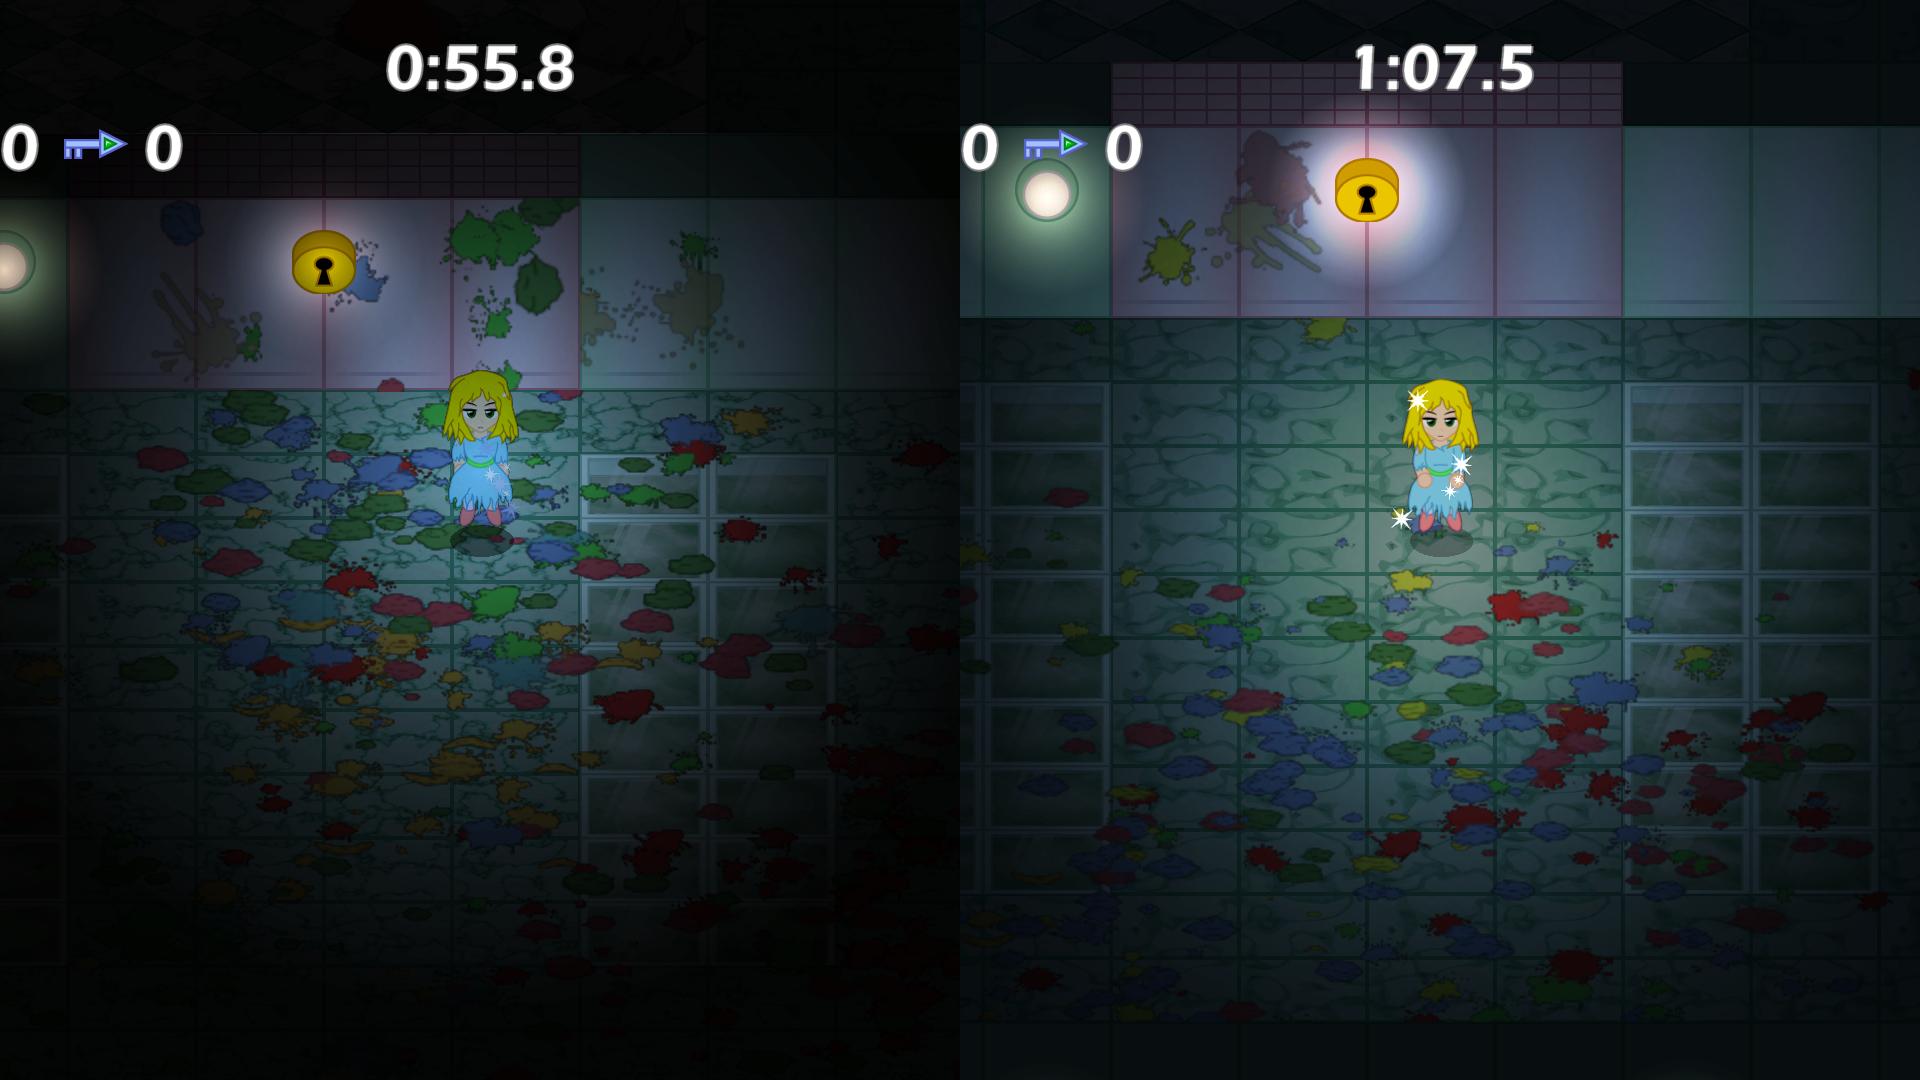 Left: Old lighting using multiply blending | Right: New lighting using overlay blending